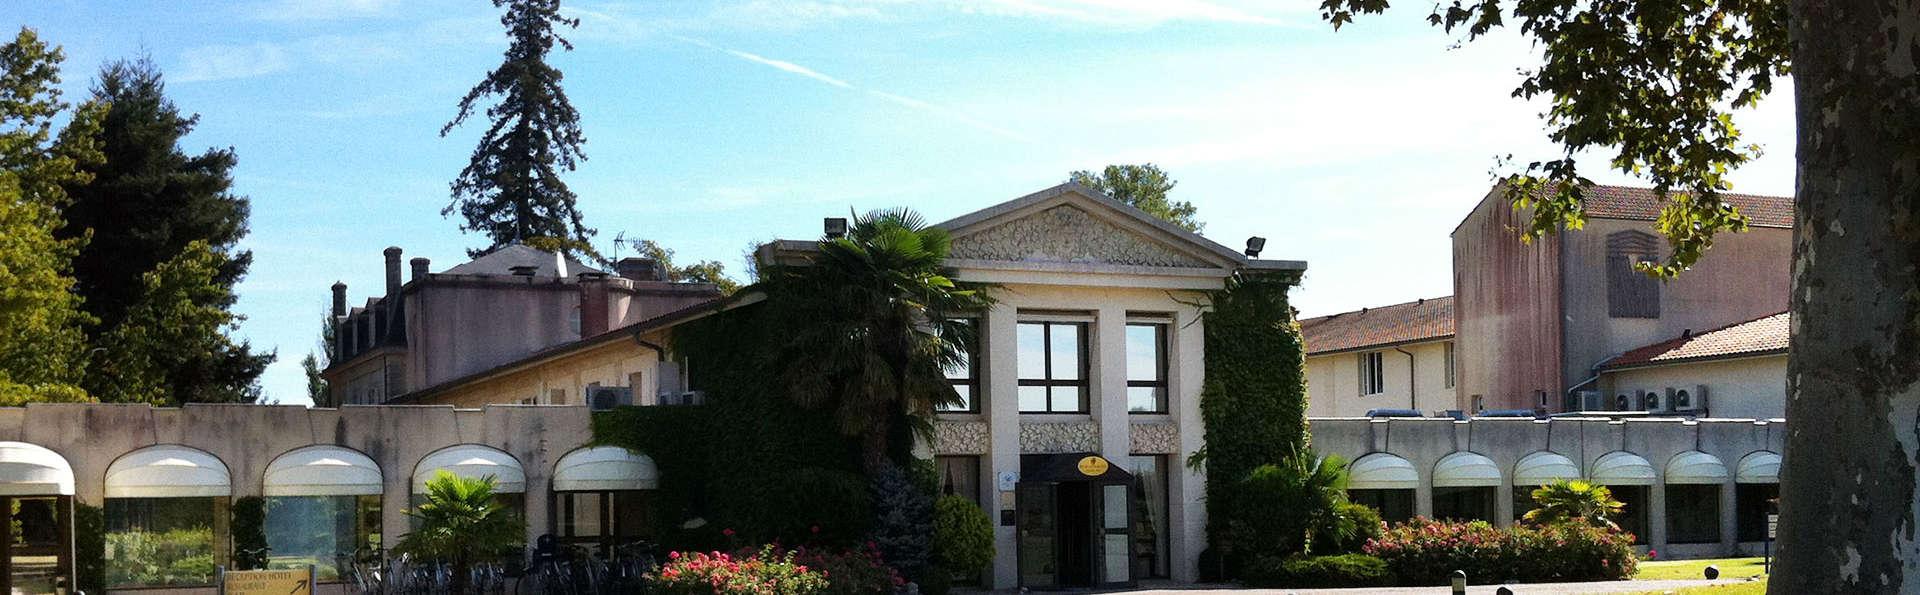 Relais de Margaux Hôtel & Spa  - EDIT_front.jpg